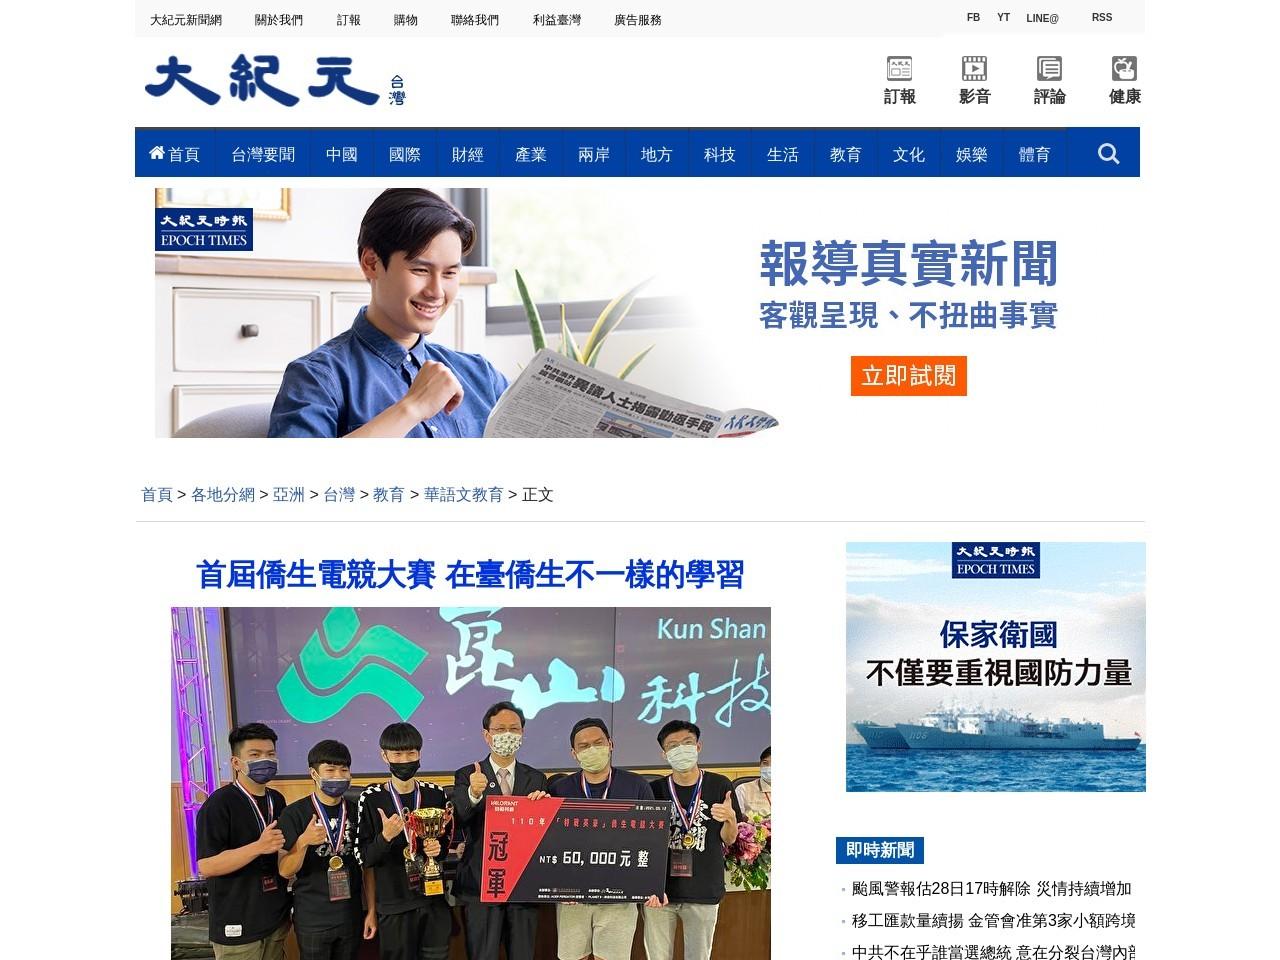 首屆僑生電競大賽在臺僑生不一樣的學習